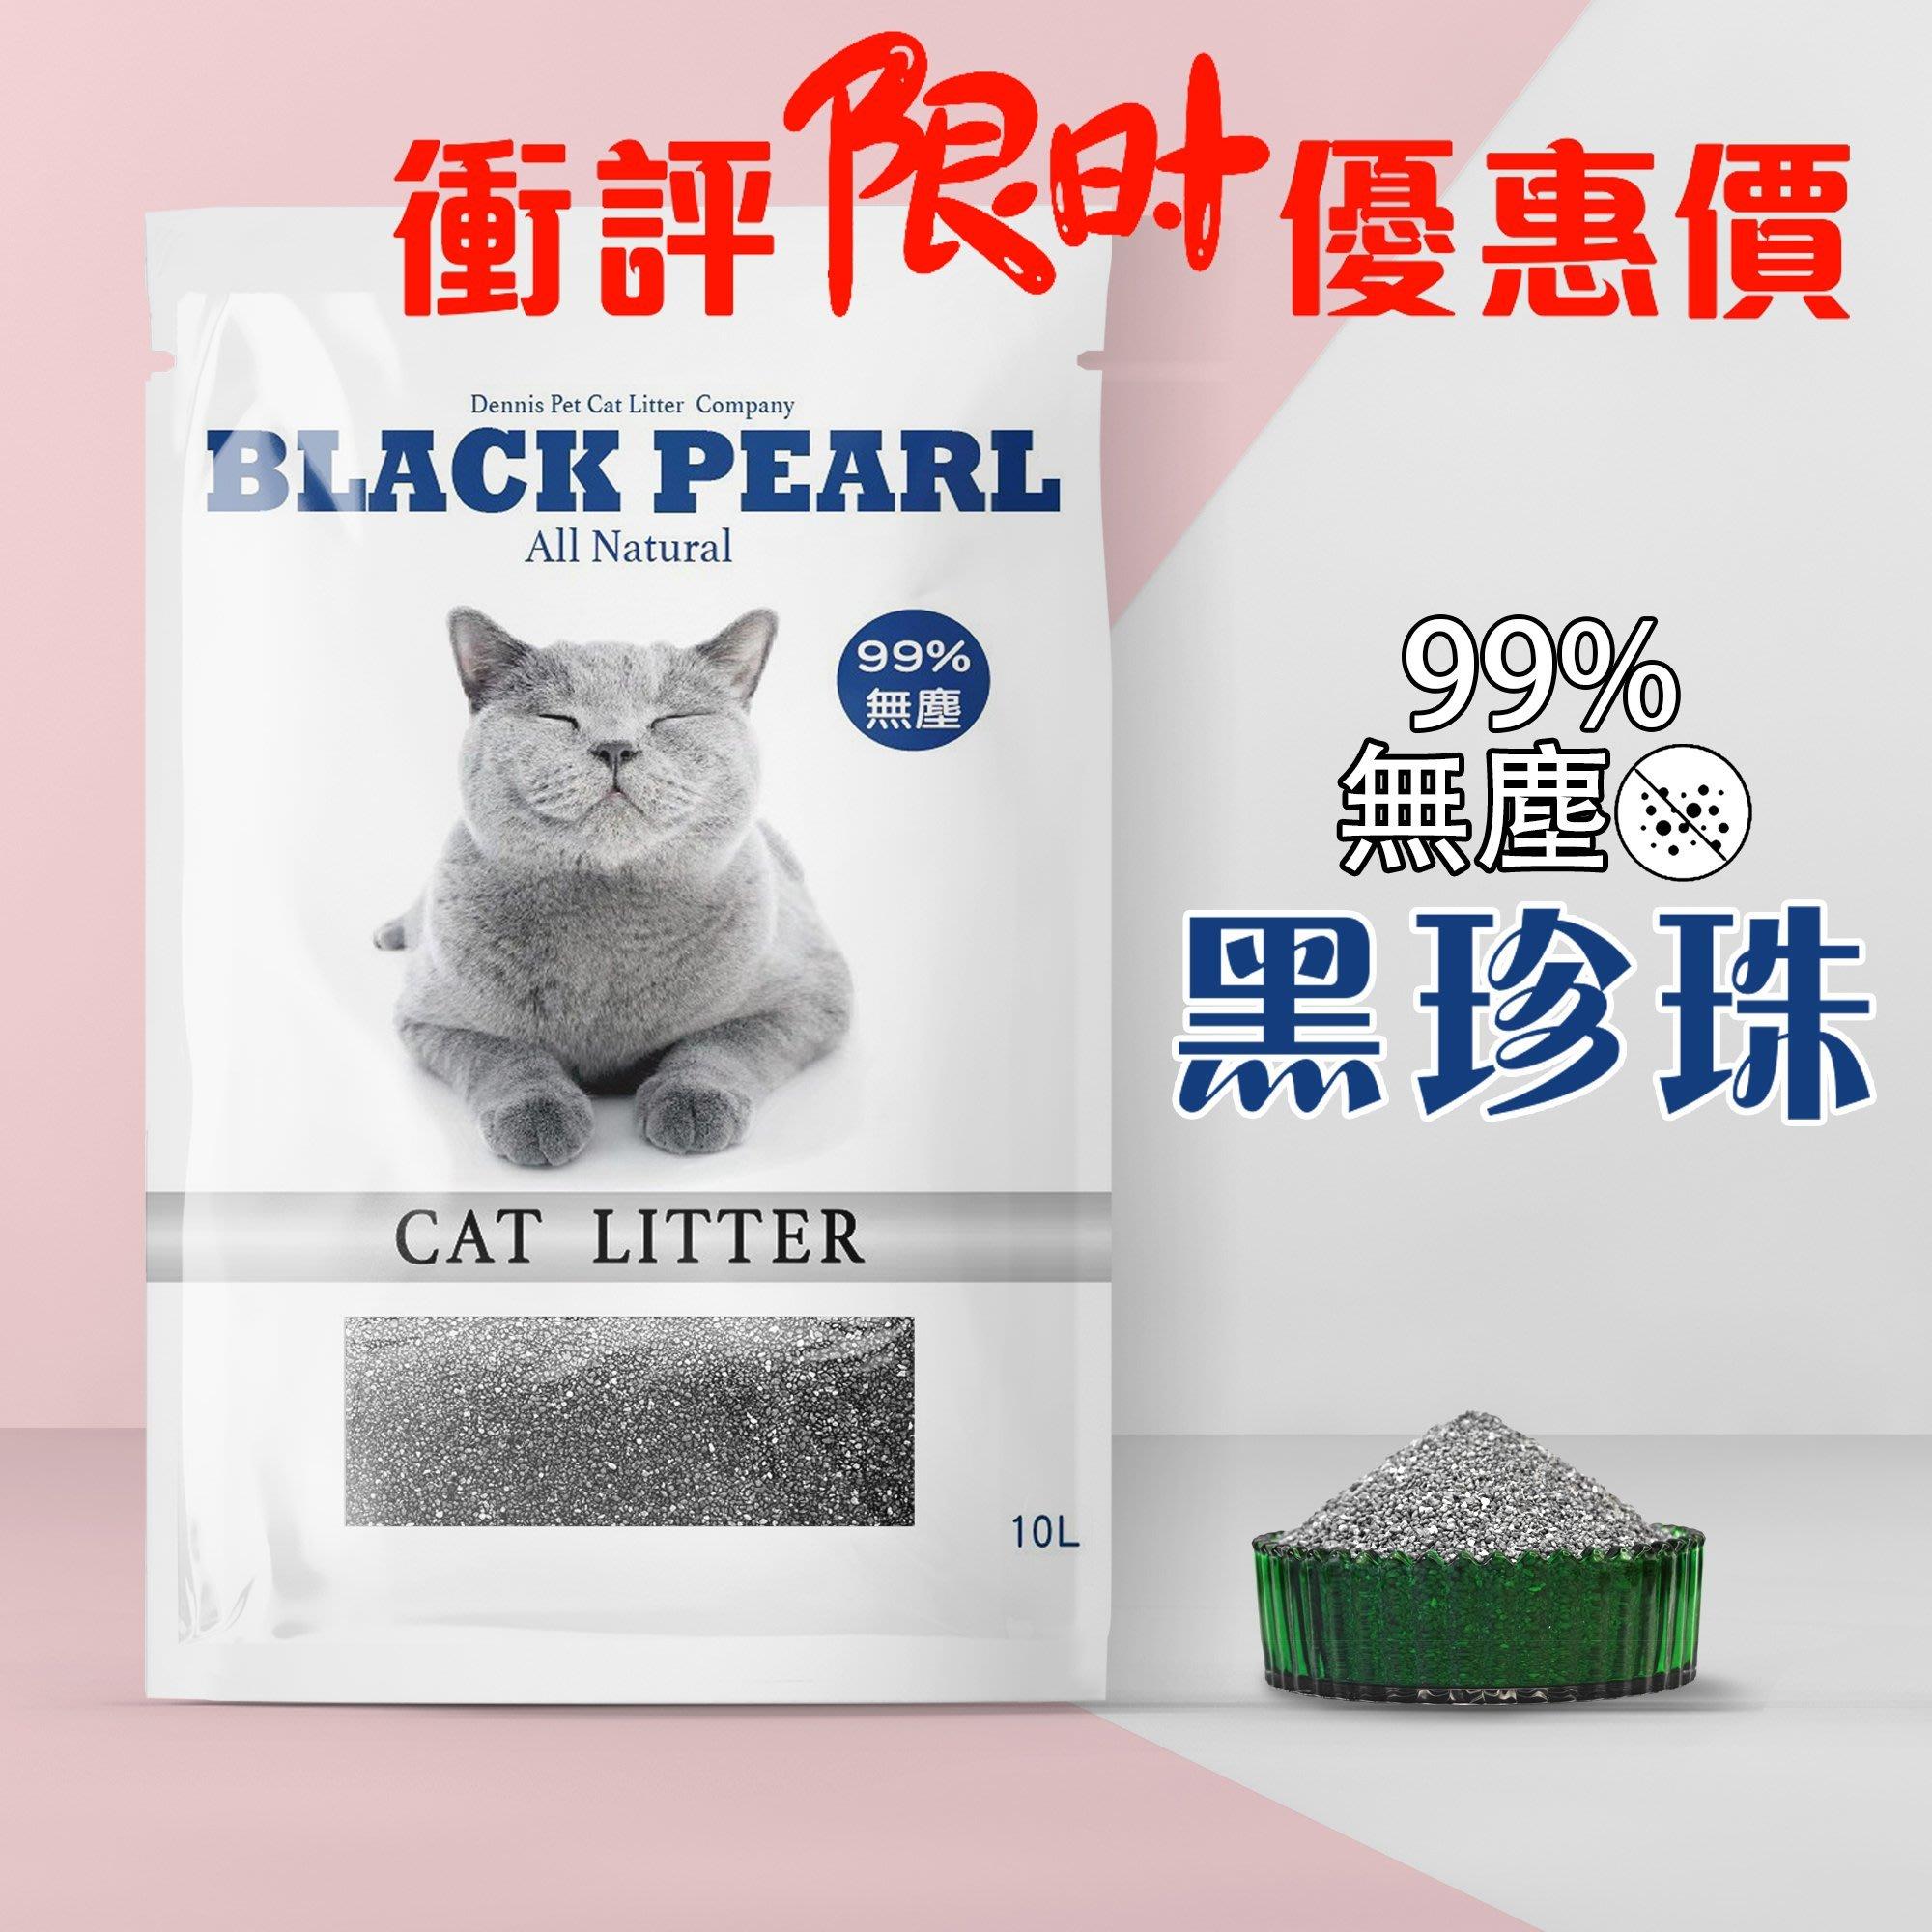 【丹妮斯寵物工廠】 一包10L 一箱5包 一箱免運 兩箱優惠100元 99%無塵貓砂 貓砂 膨潤土 貓用品